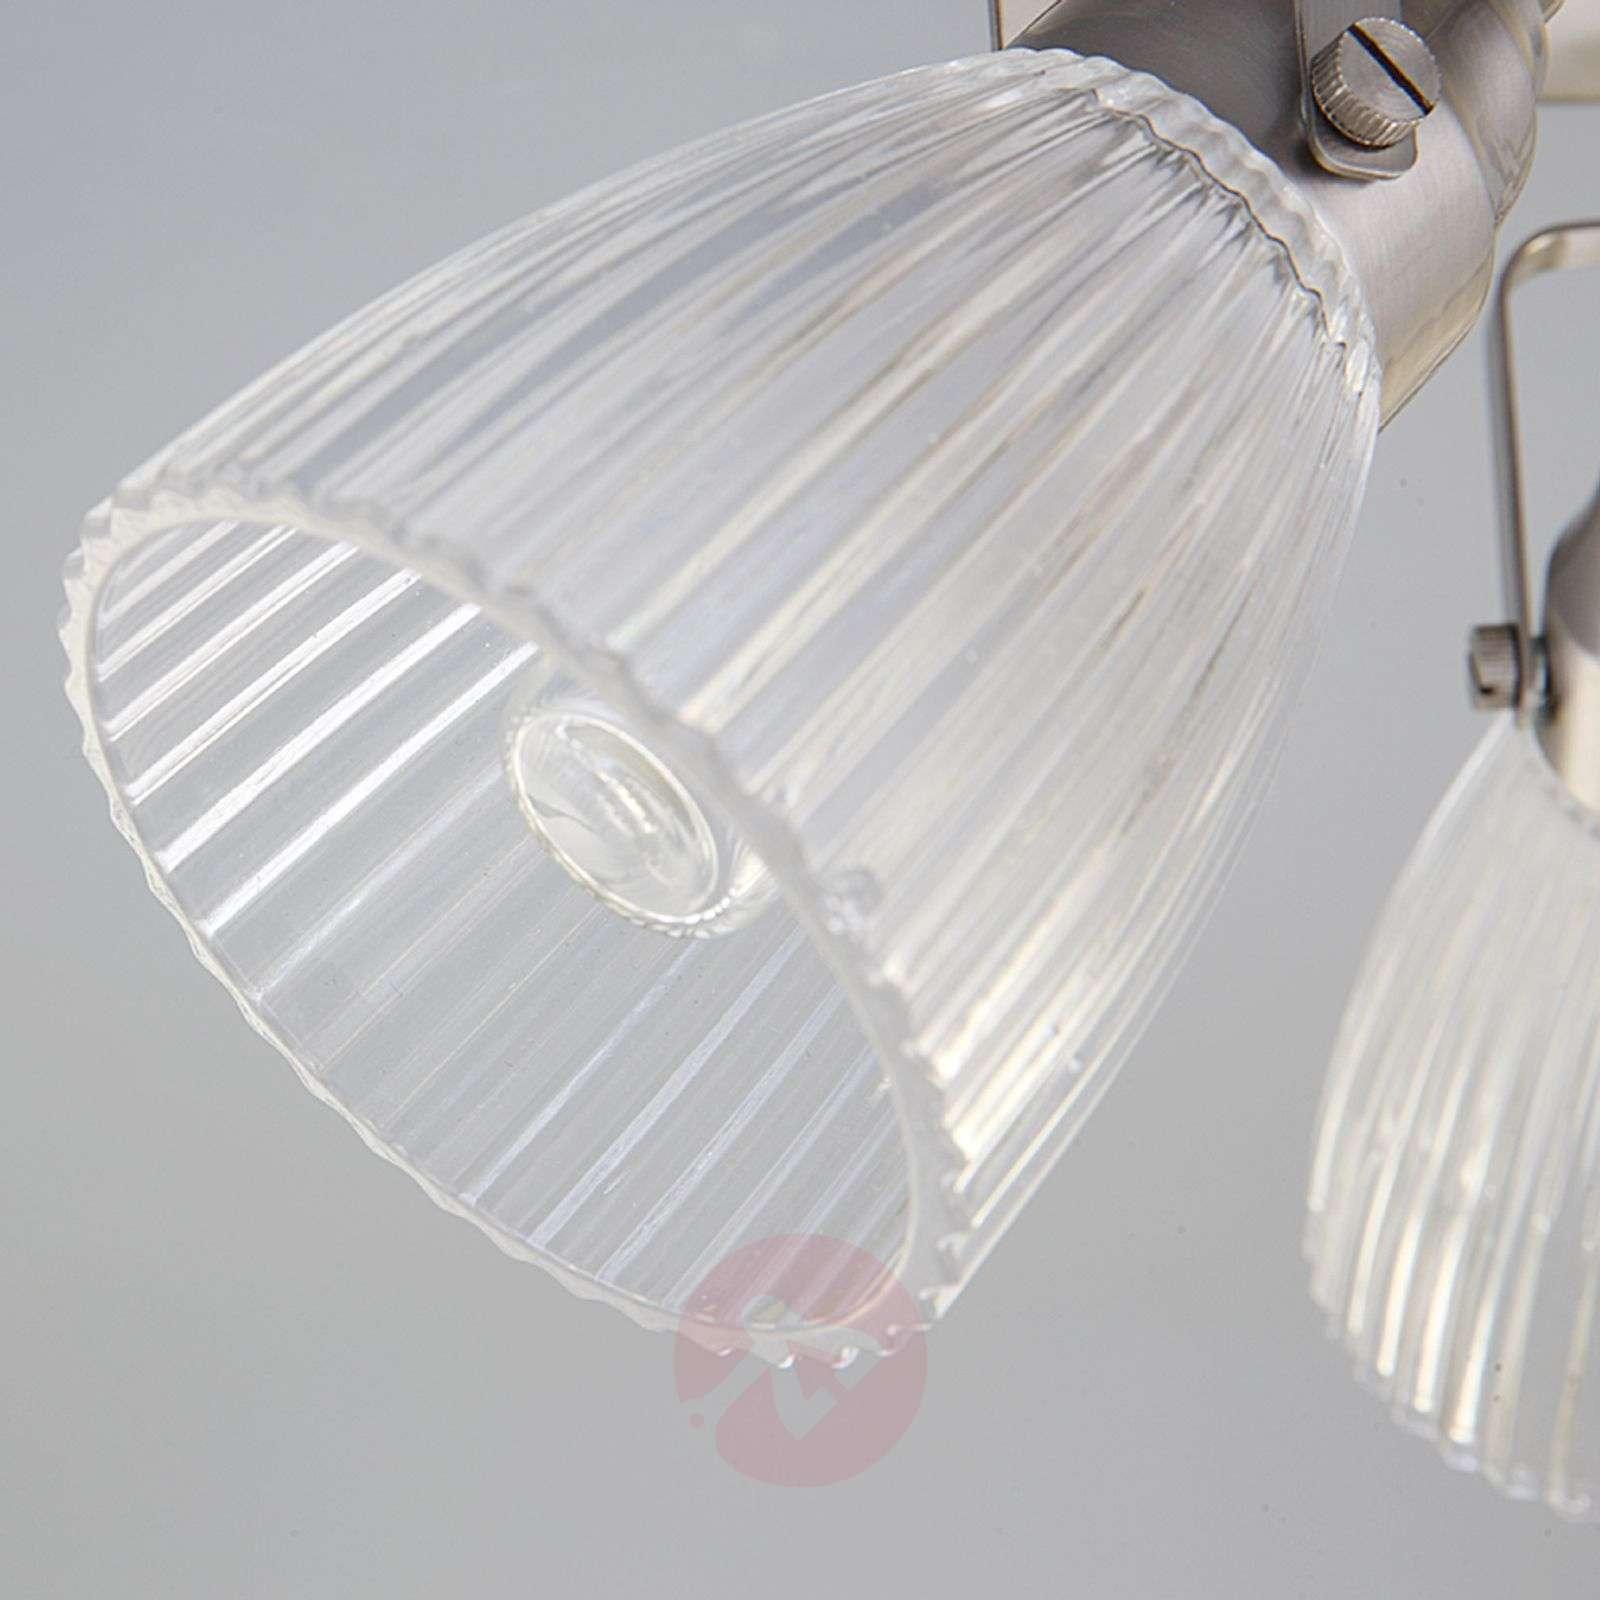 Pyöreä kh LED-kattovalaisin Kara, uritettu lasi-9620684-07